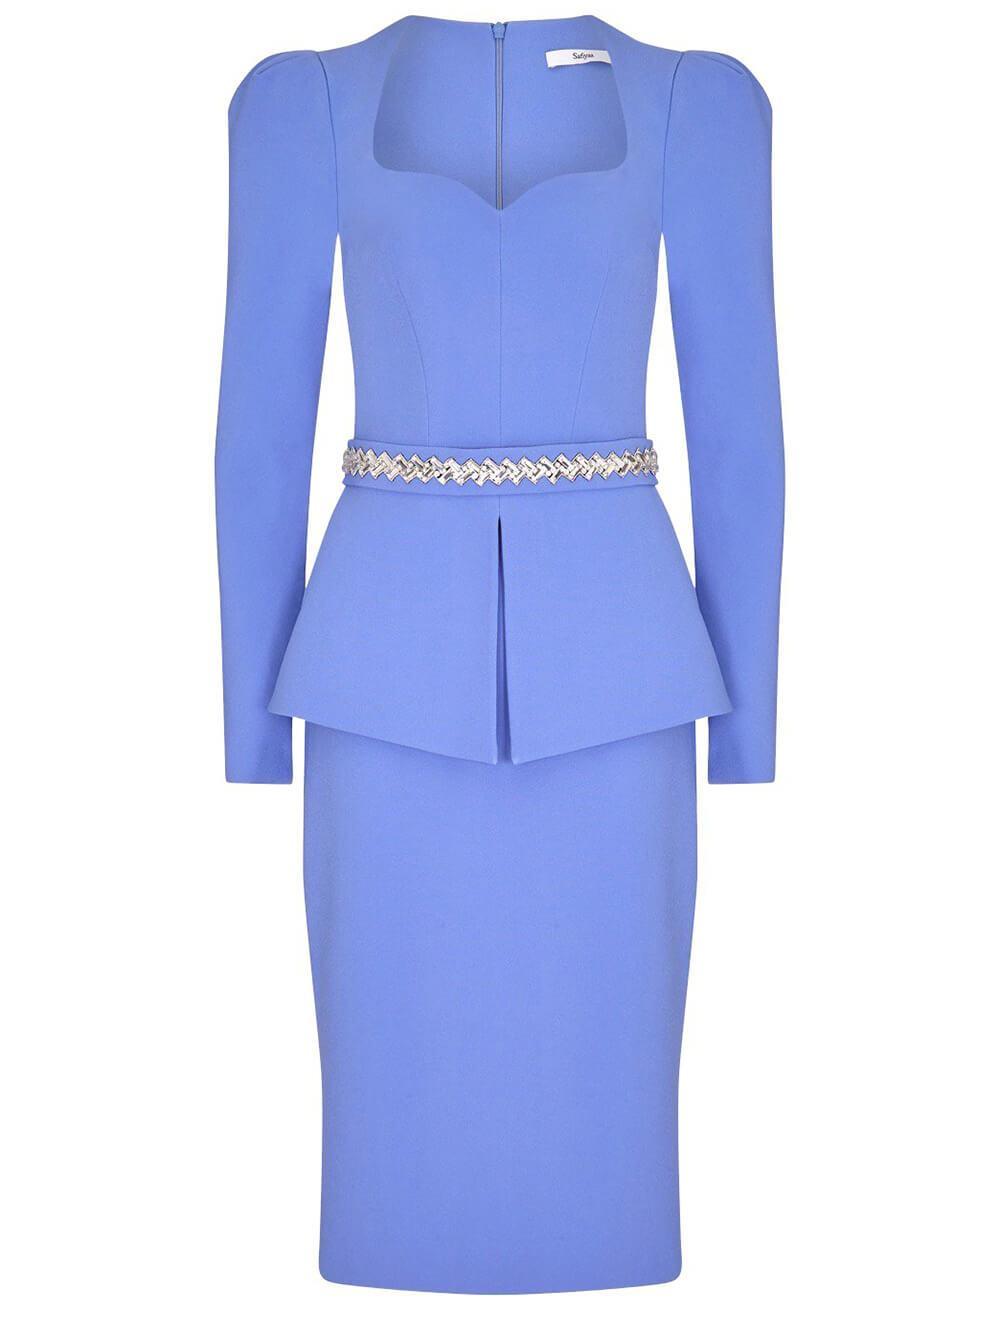 Kaleisha Dress Item # D311-1E20-BE32